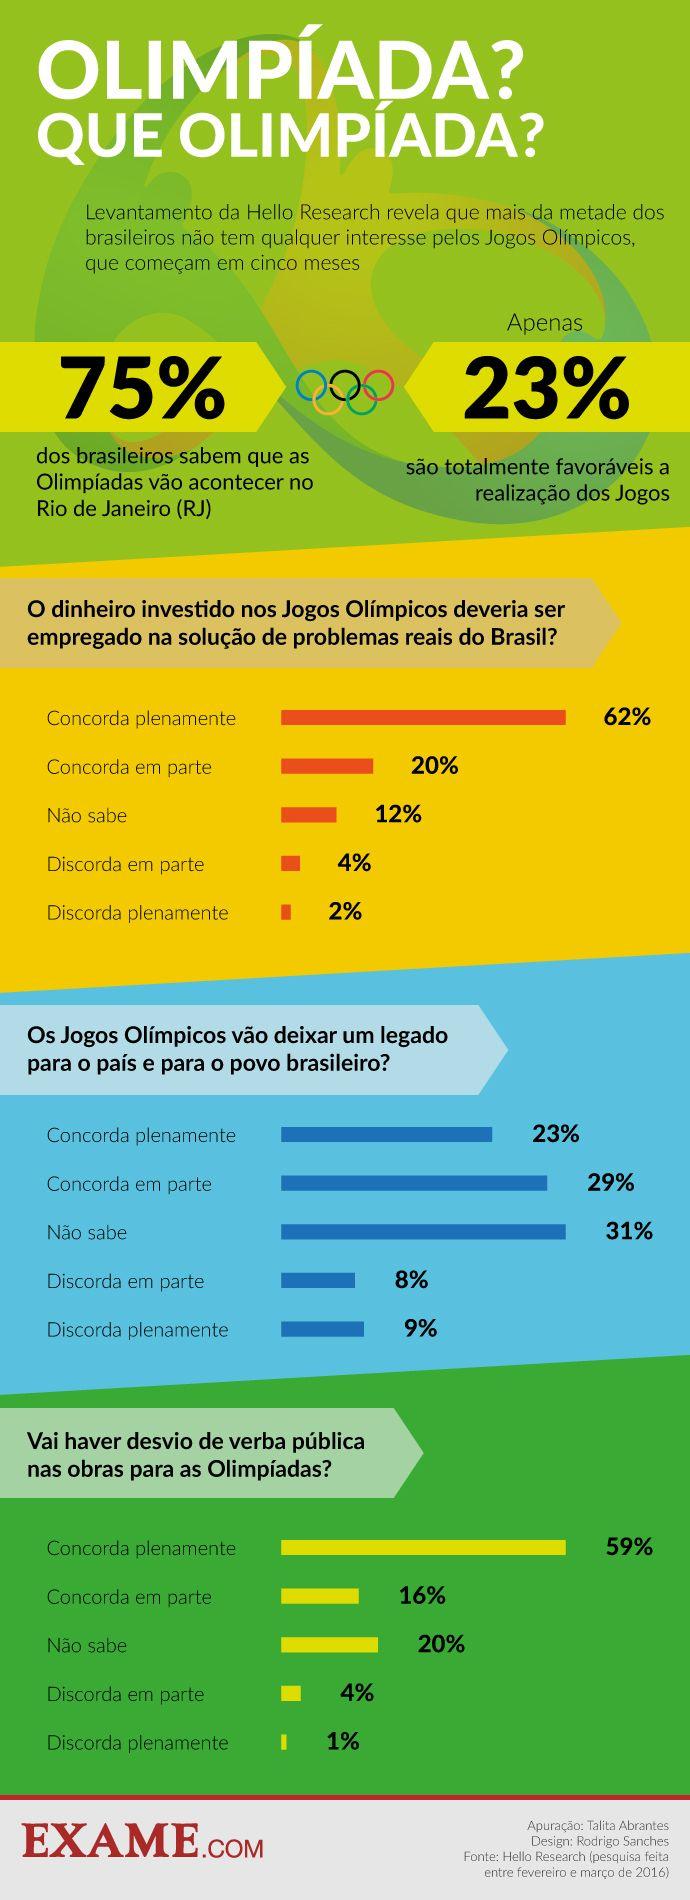 Infográfico da revista Exame traz a opinião dos brasileiros a respeito dos Jogos Olímpicos Rio 2016.